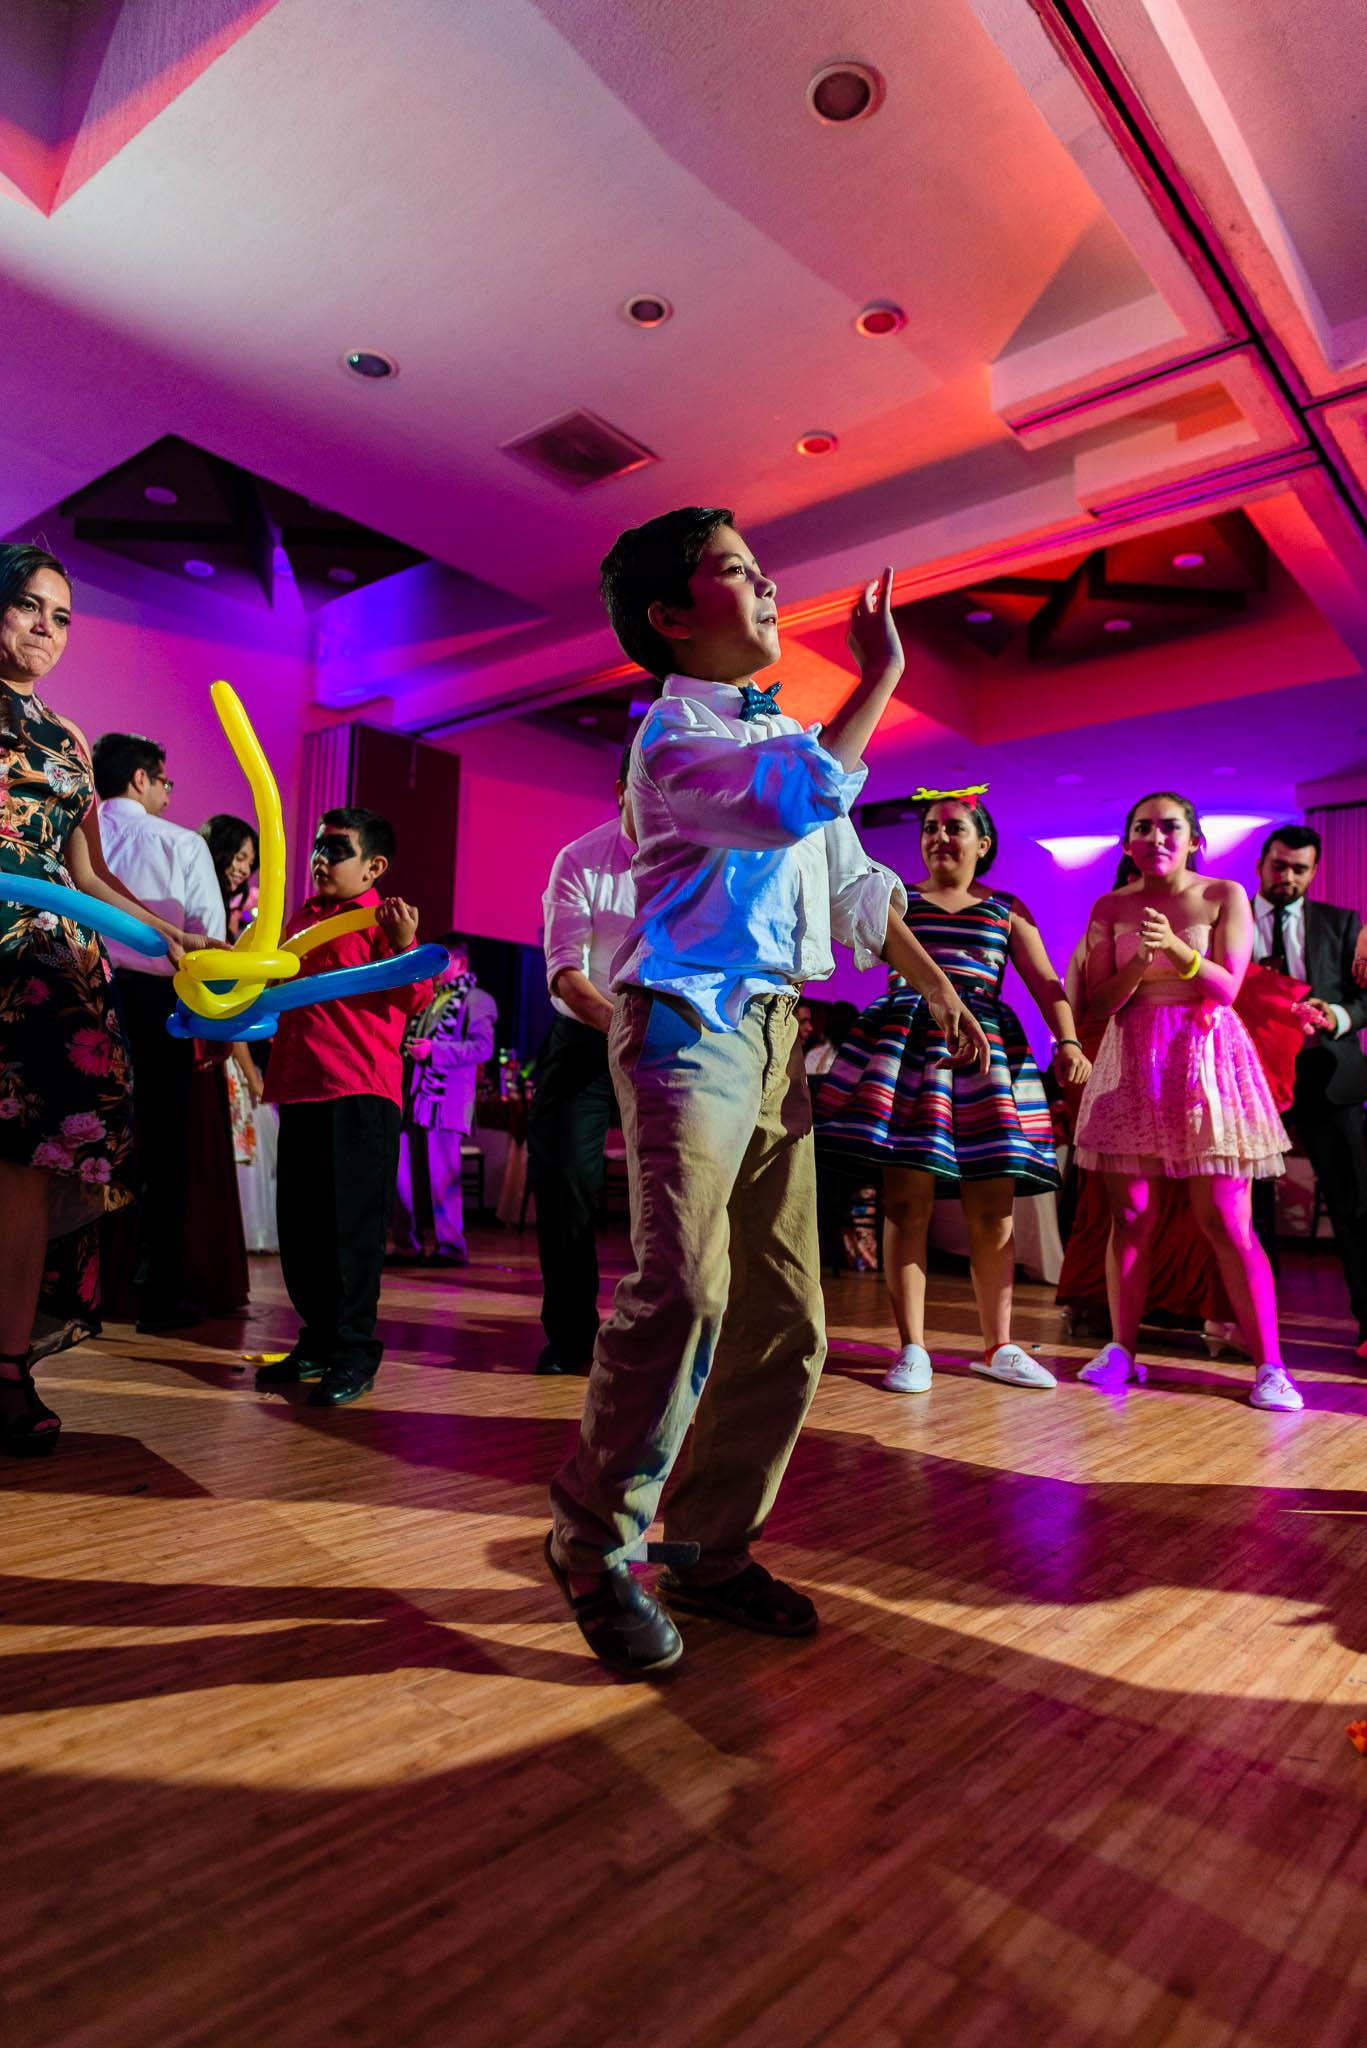 fotografo de bodas san luis potosi boda mexico wedding destination fotos de boda 304